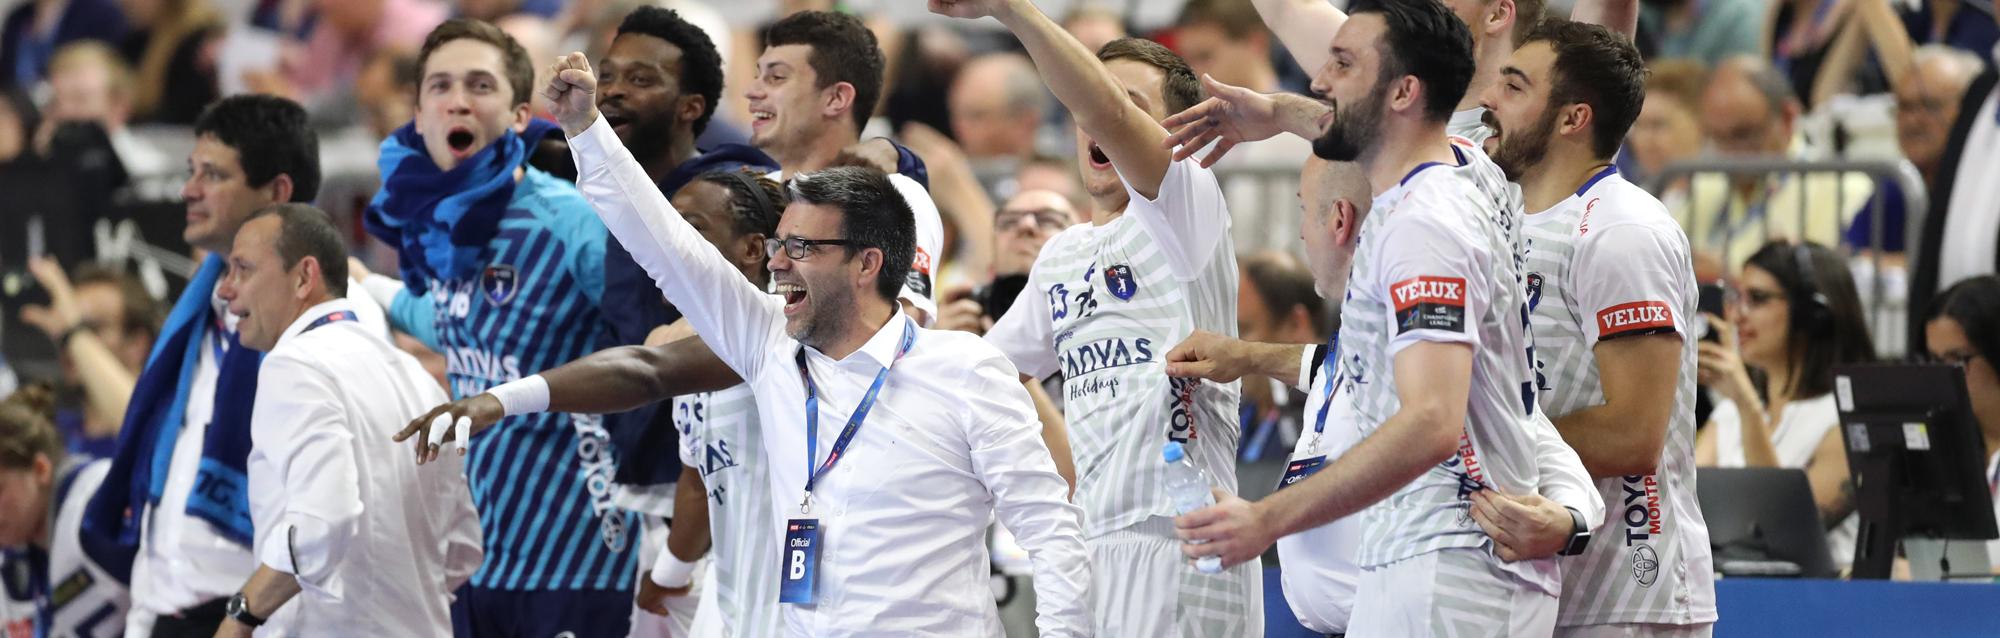 Le 27 mai 2018, alors adjoint de Patrice Canayer sur la banc montpelliérain, Erick Mathé remporte la Ligue des Champions